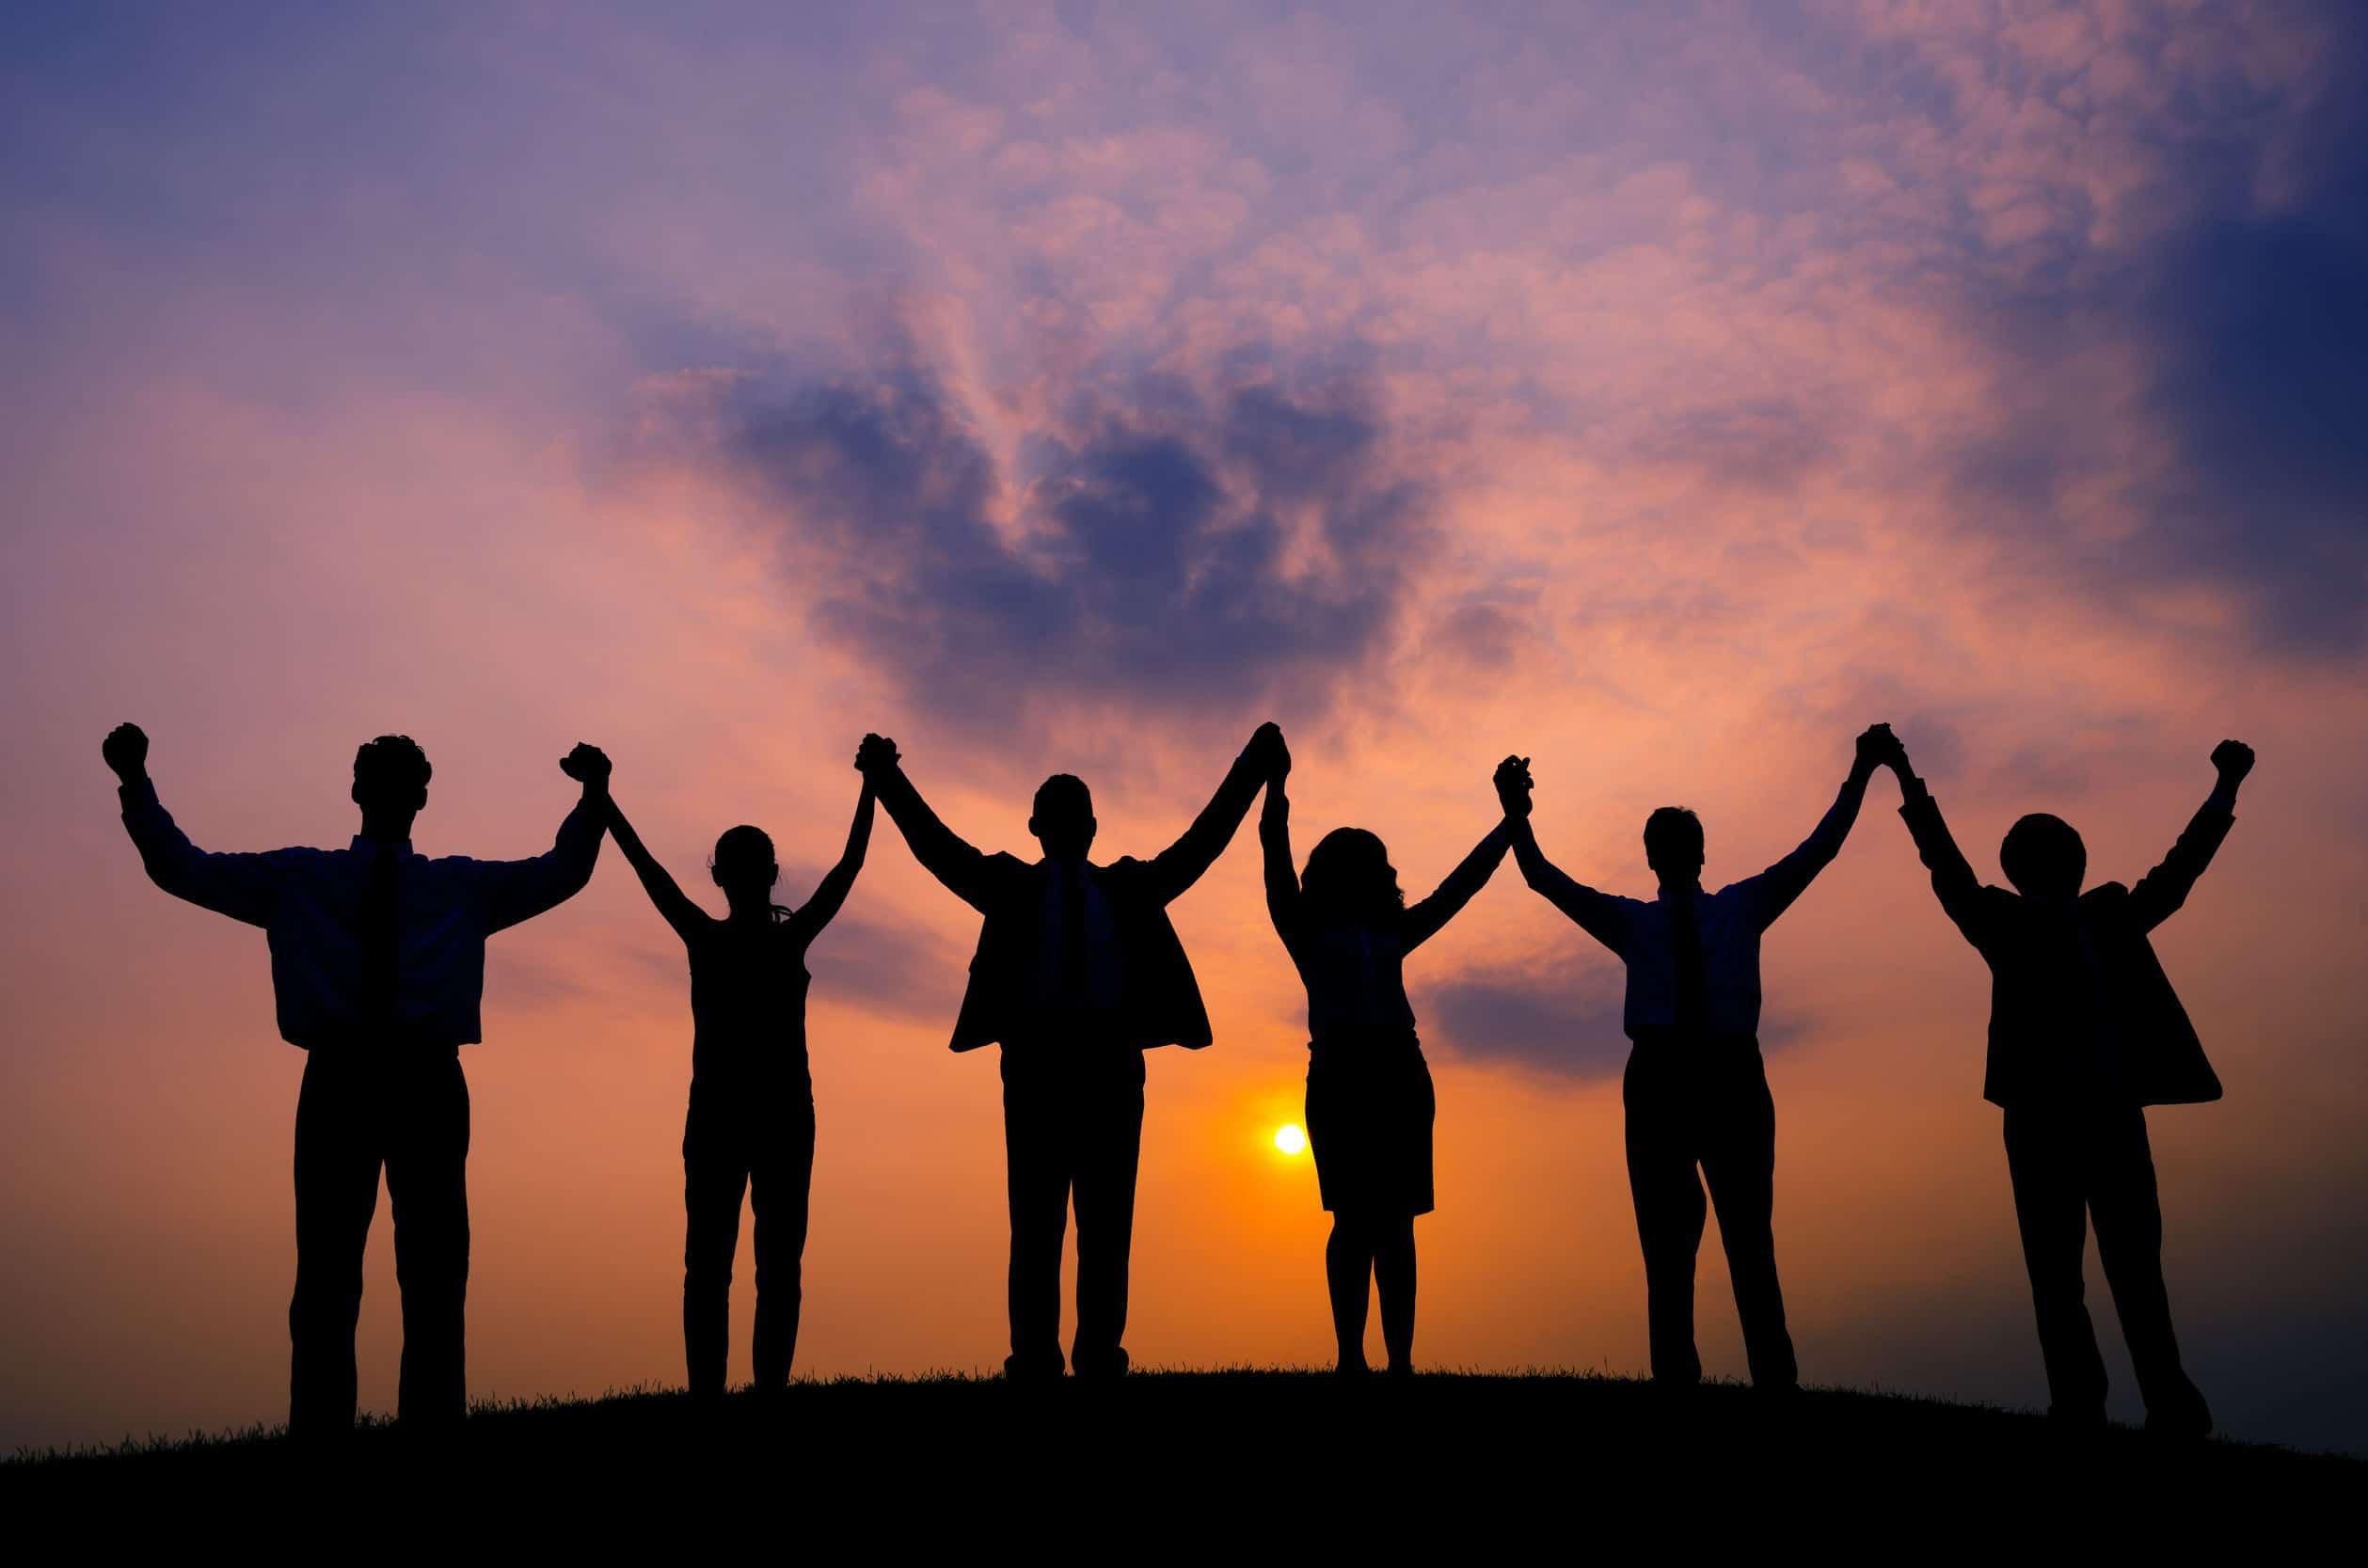 Silhueta de seis pessoas com as mãos dadas ao alto.